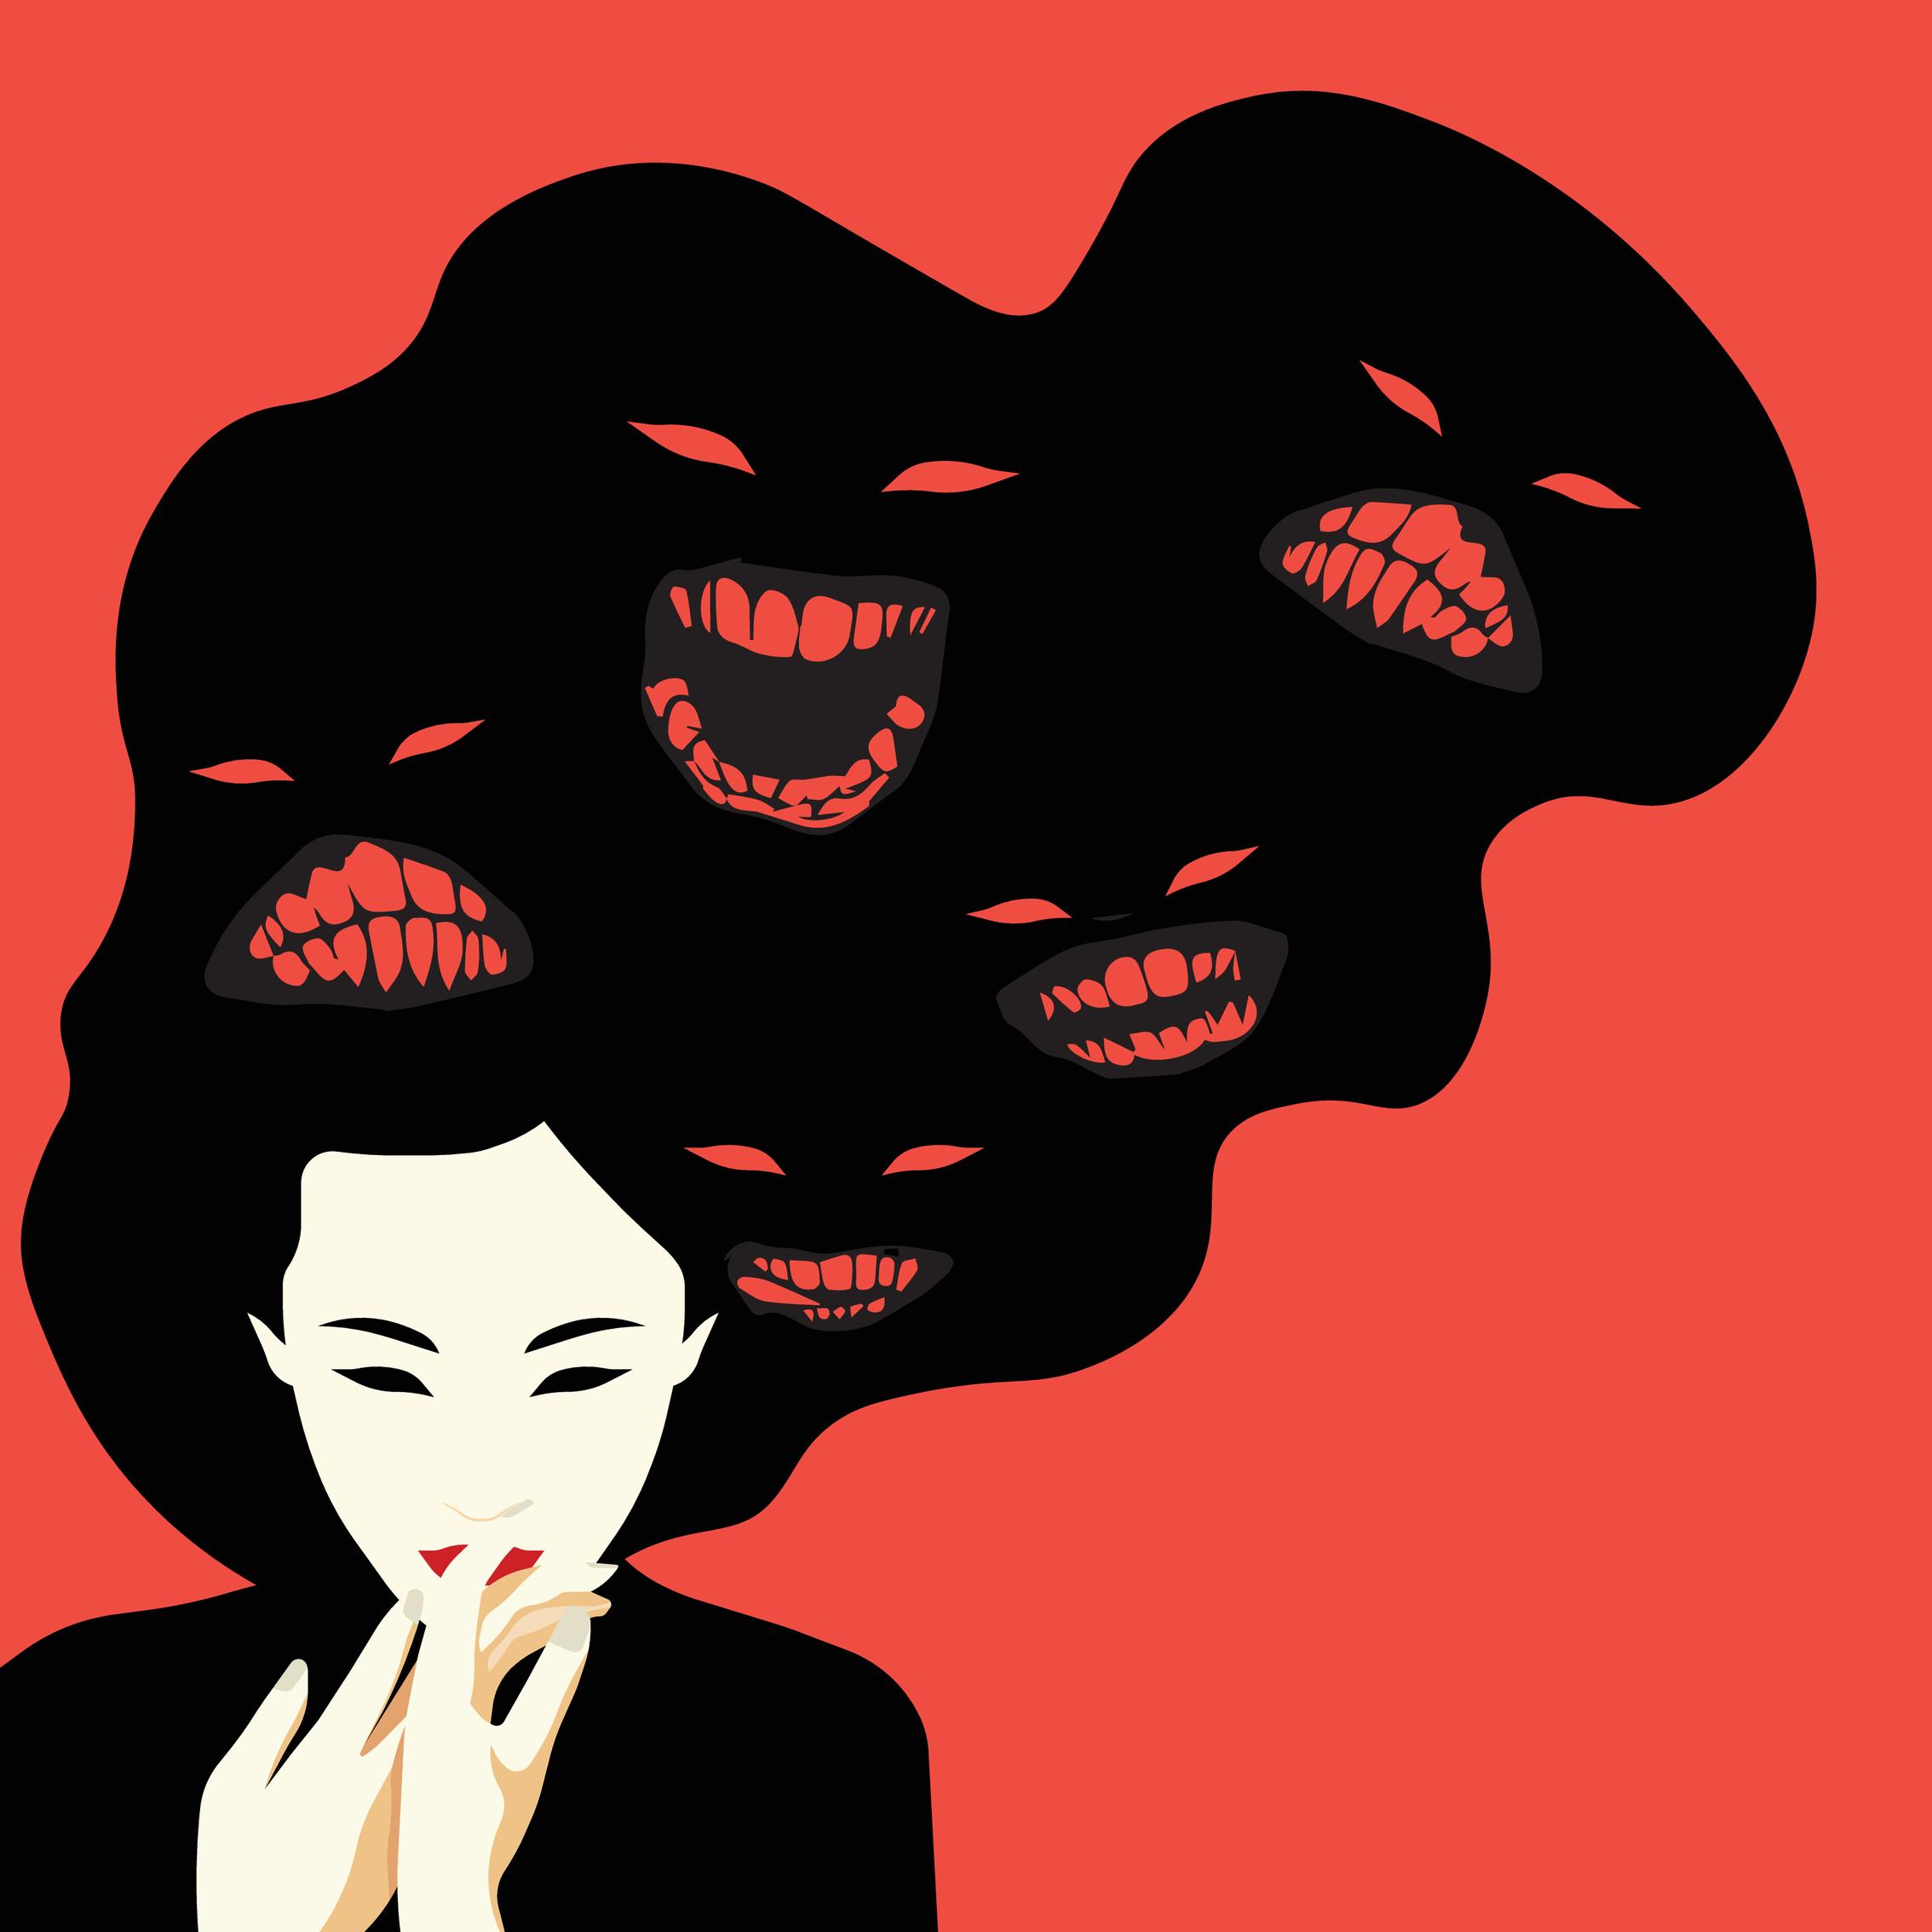 """I Folkhälsomyndighetens folkhälsoenkät """"Hälsa på lika villkor"""" uppger 19 procent av befolkningen i ålder 16-74 år att de diagnostiserats med depression minst en gång."""